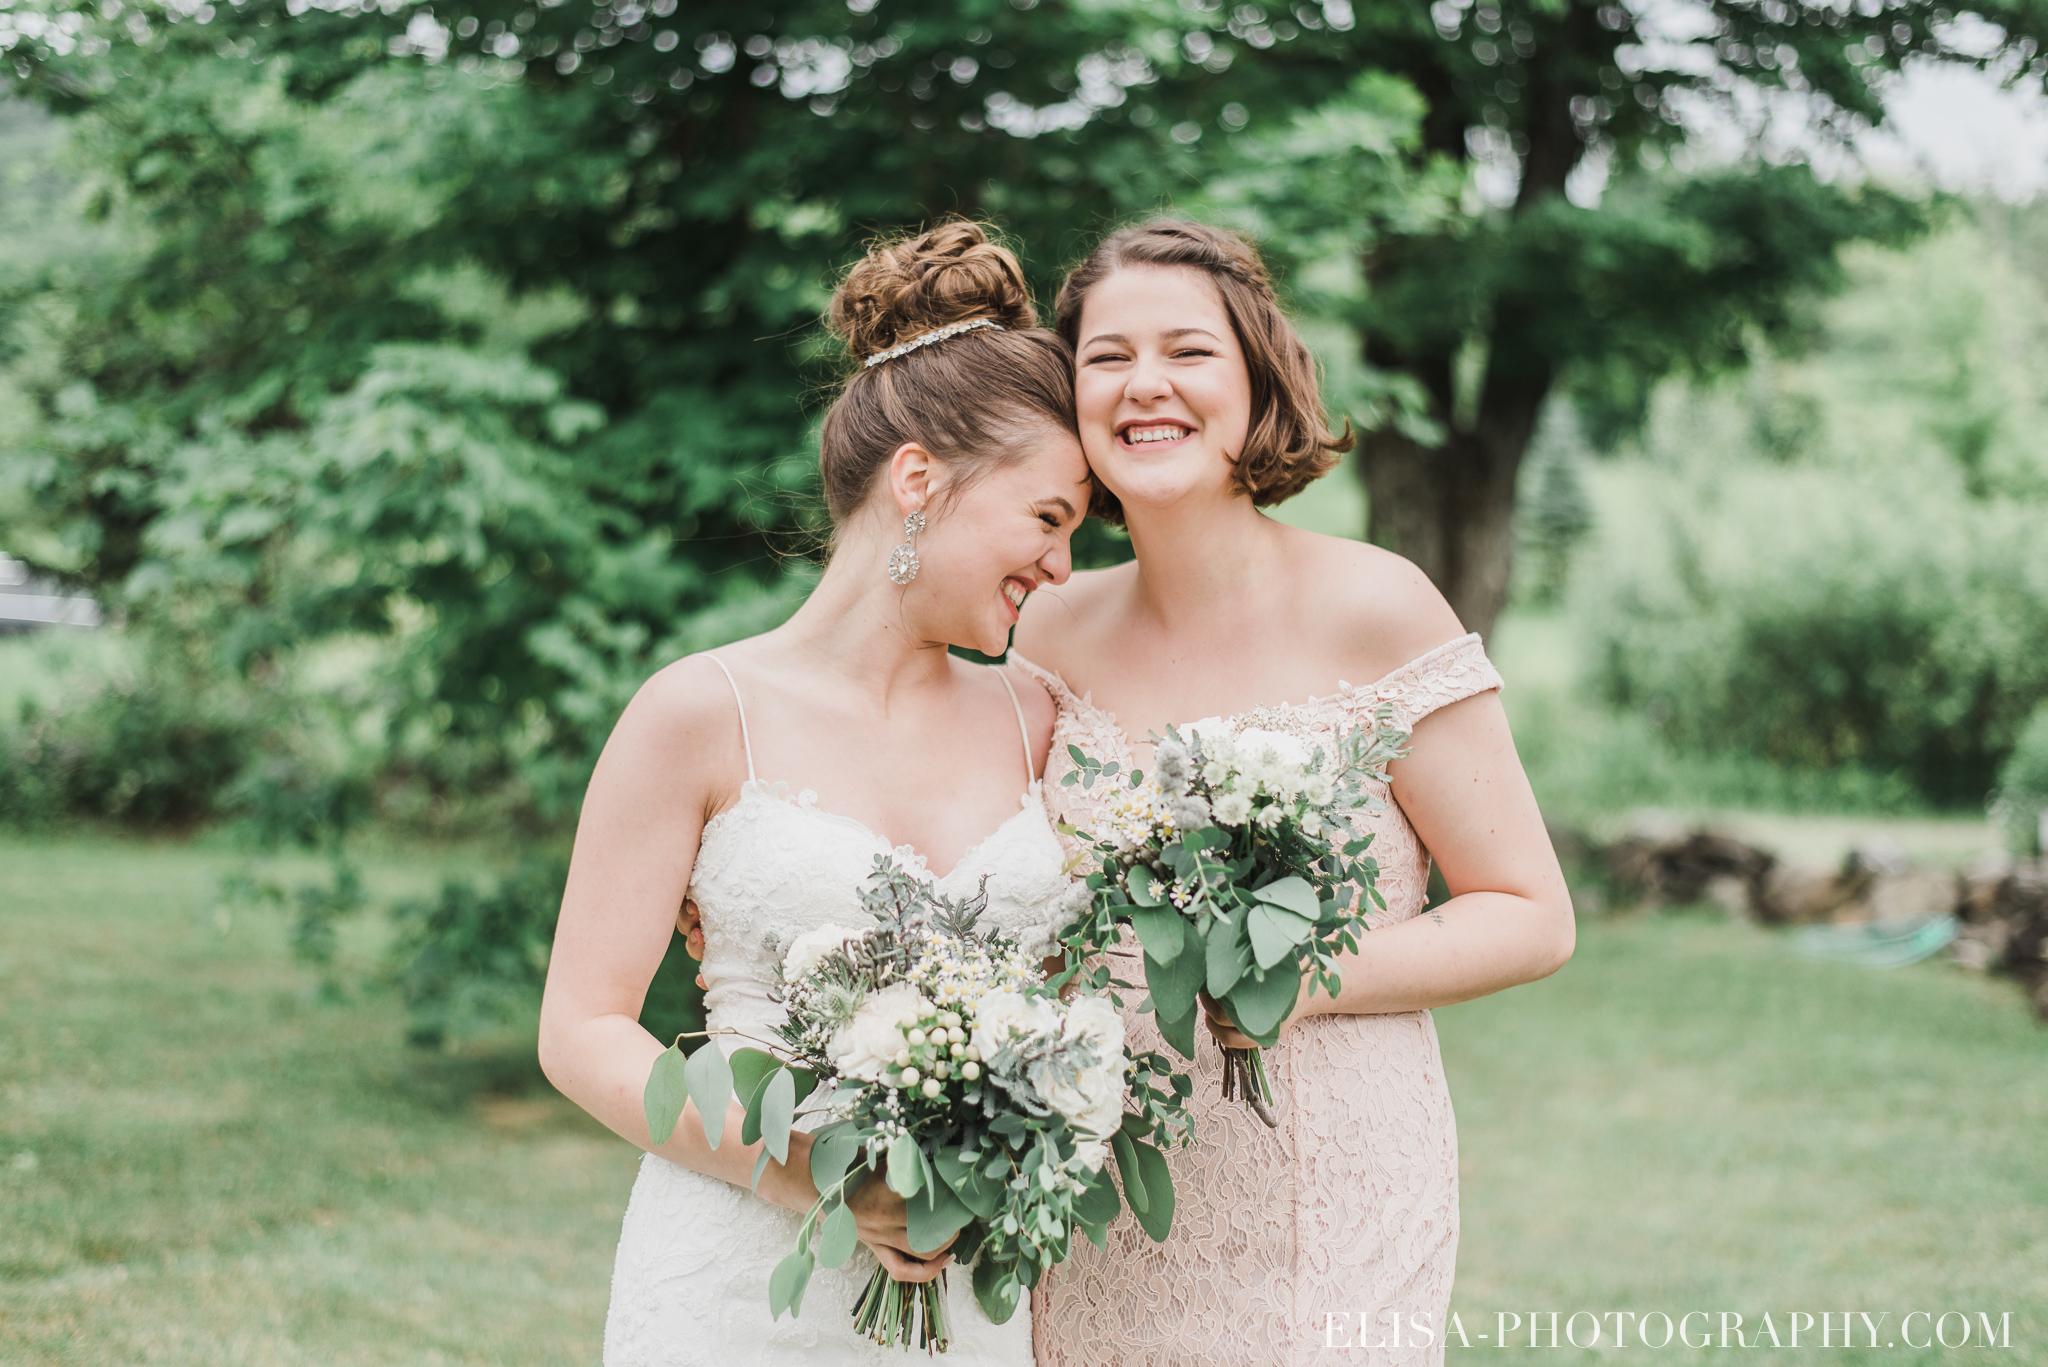 photo mariage a la montagne domaine tomali maniatin cocktail hors oeuvre demoiselles honneur bouquets pivoines 6501 - Galerie photos de mariage